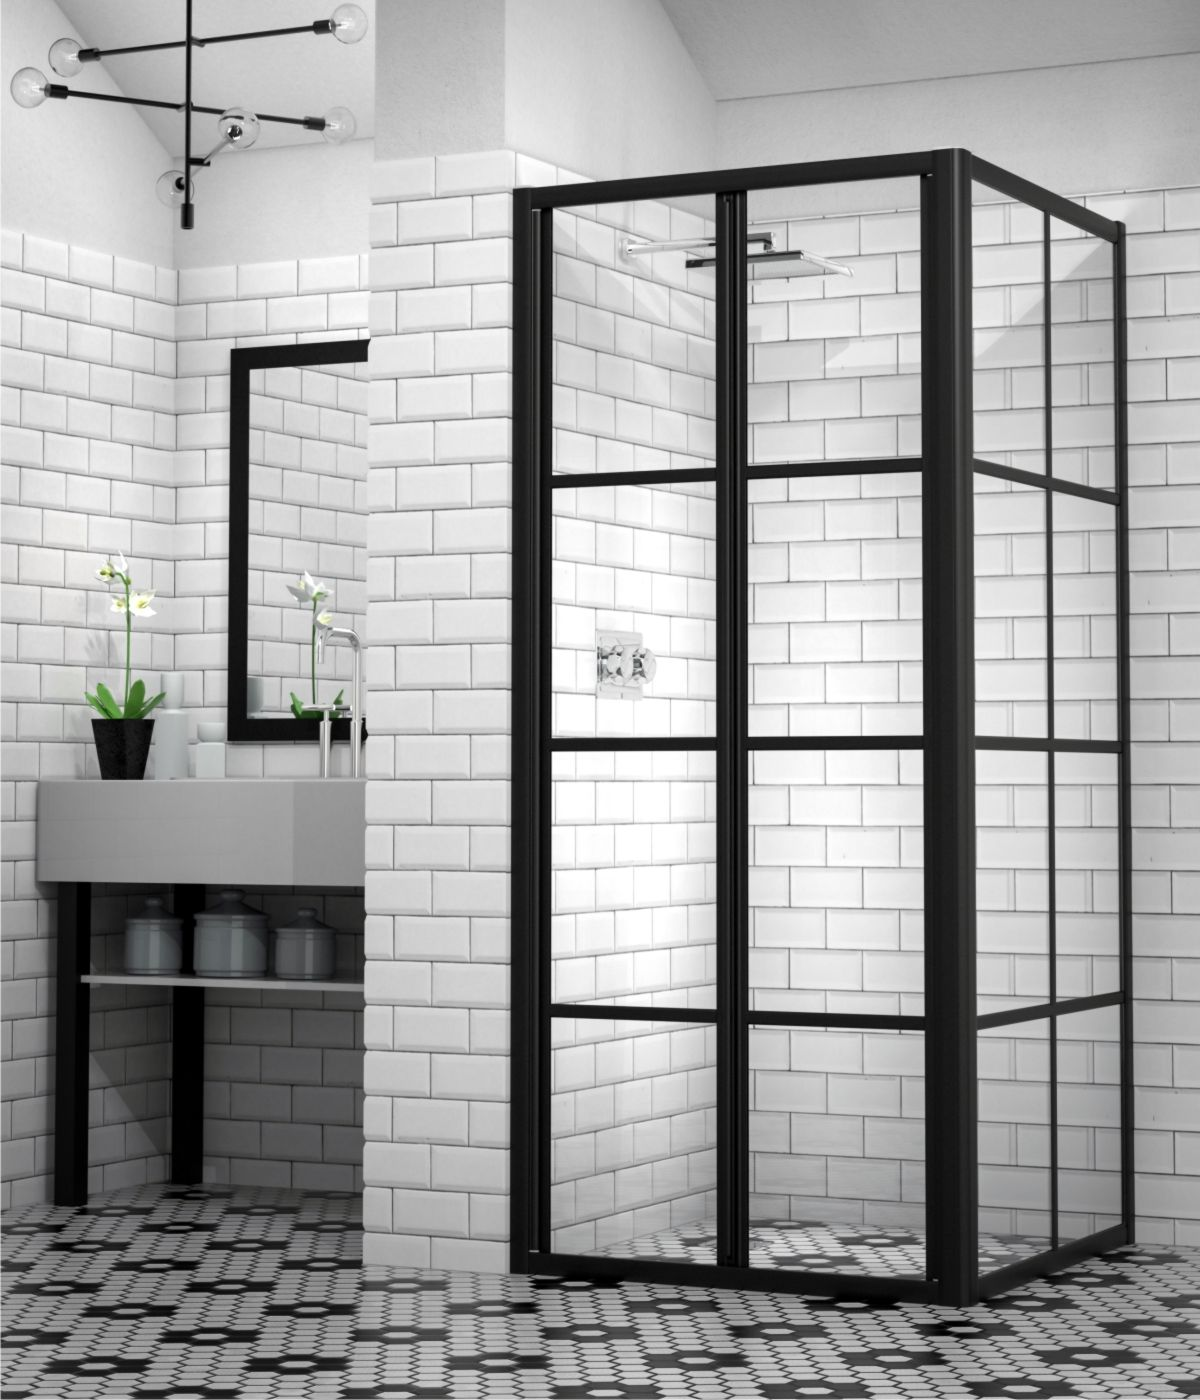 Showerline Black Framed Shower Door Black Shower Industrial Chic Black Shower Black Cottage Pane Shower Mirage Framed Shower Framed Shower Door Shower Doors